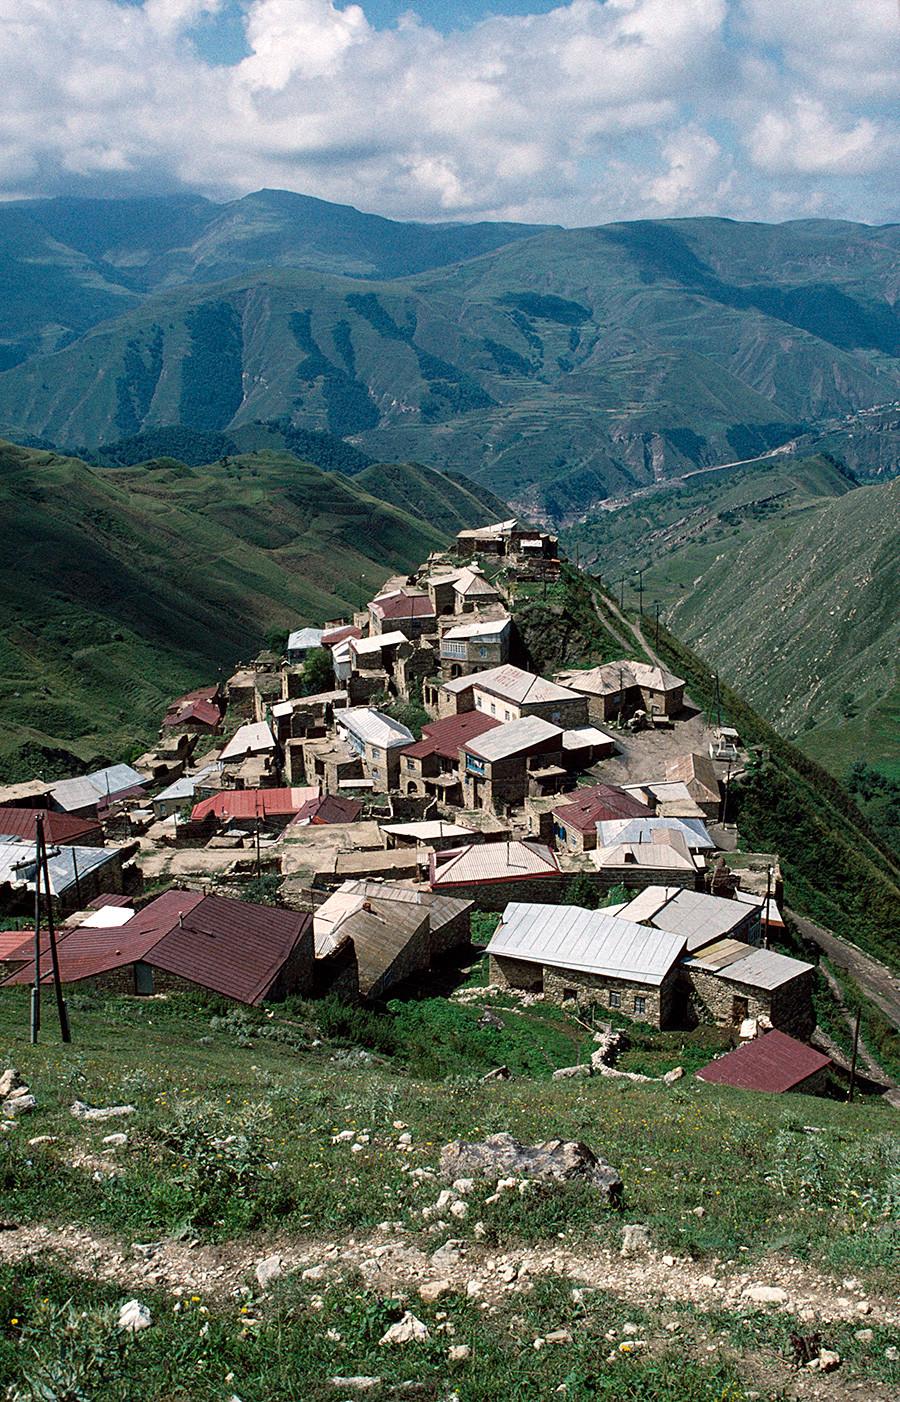 Dagestanski karavanseraj (obcestna postojanka) ob Svileni poti.